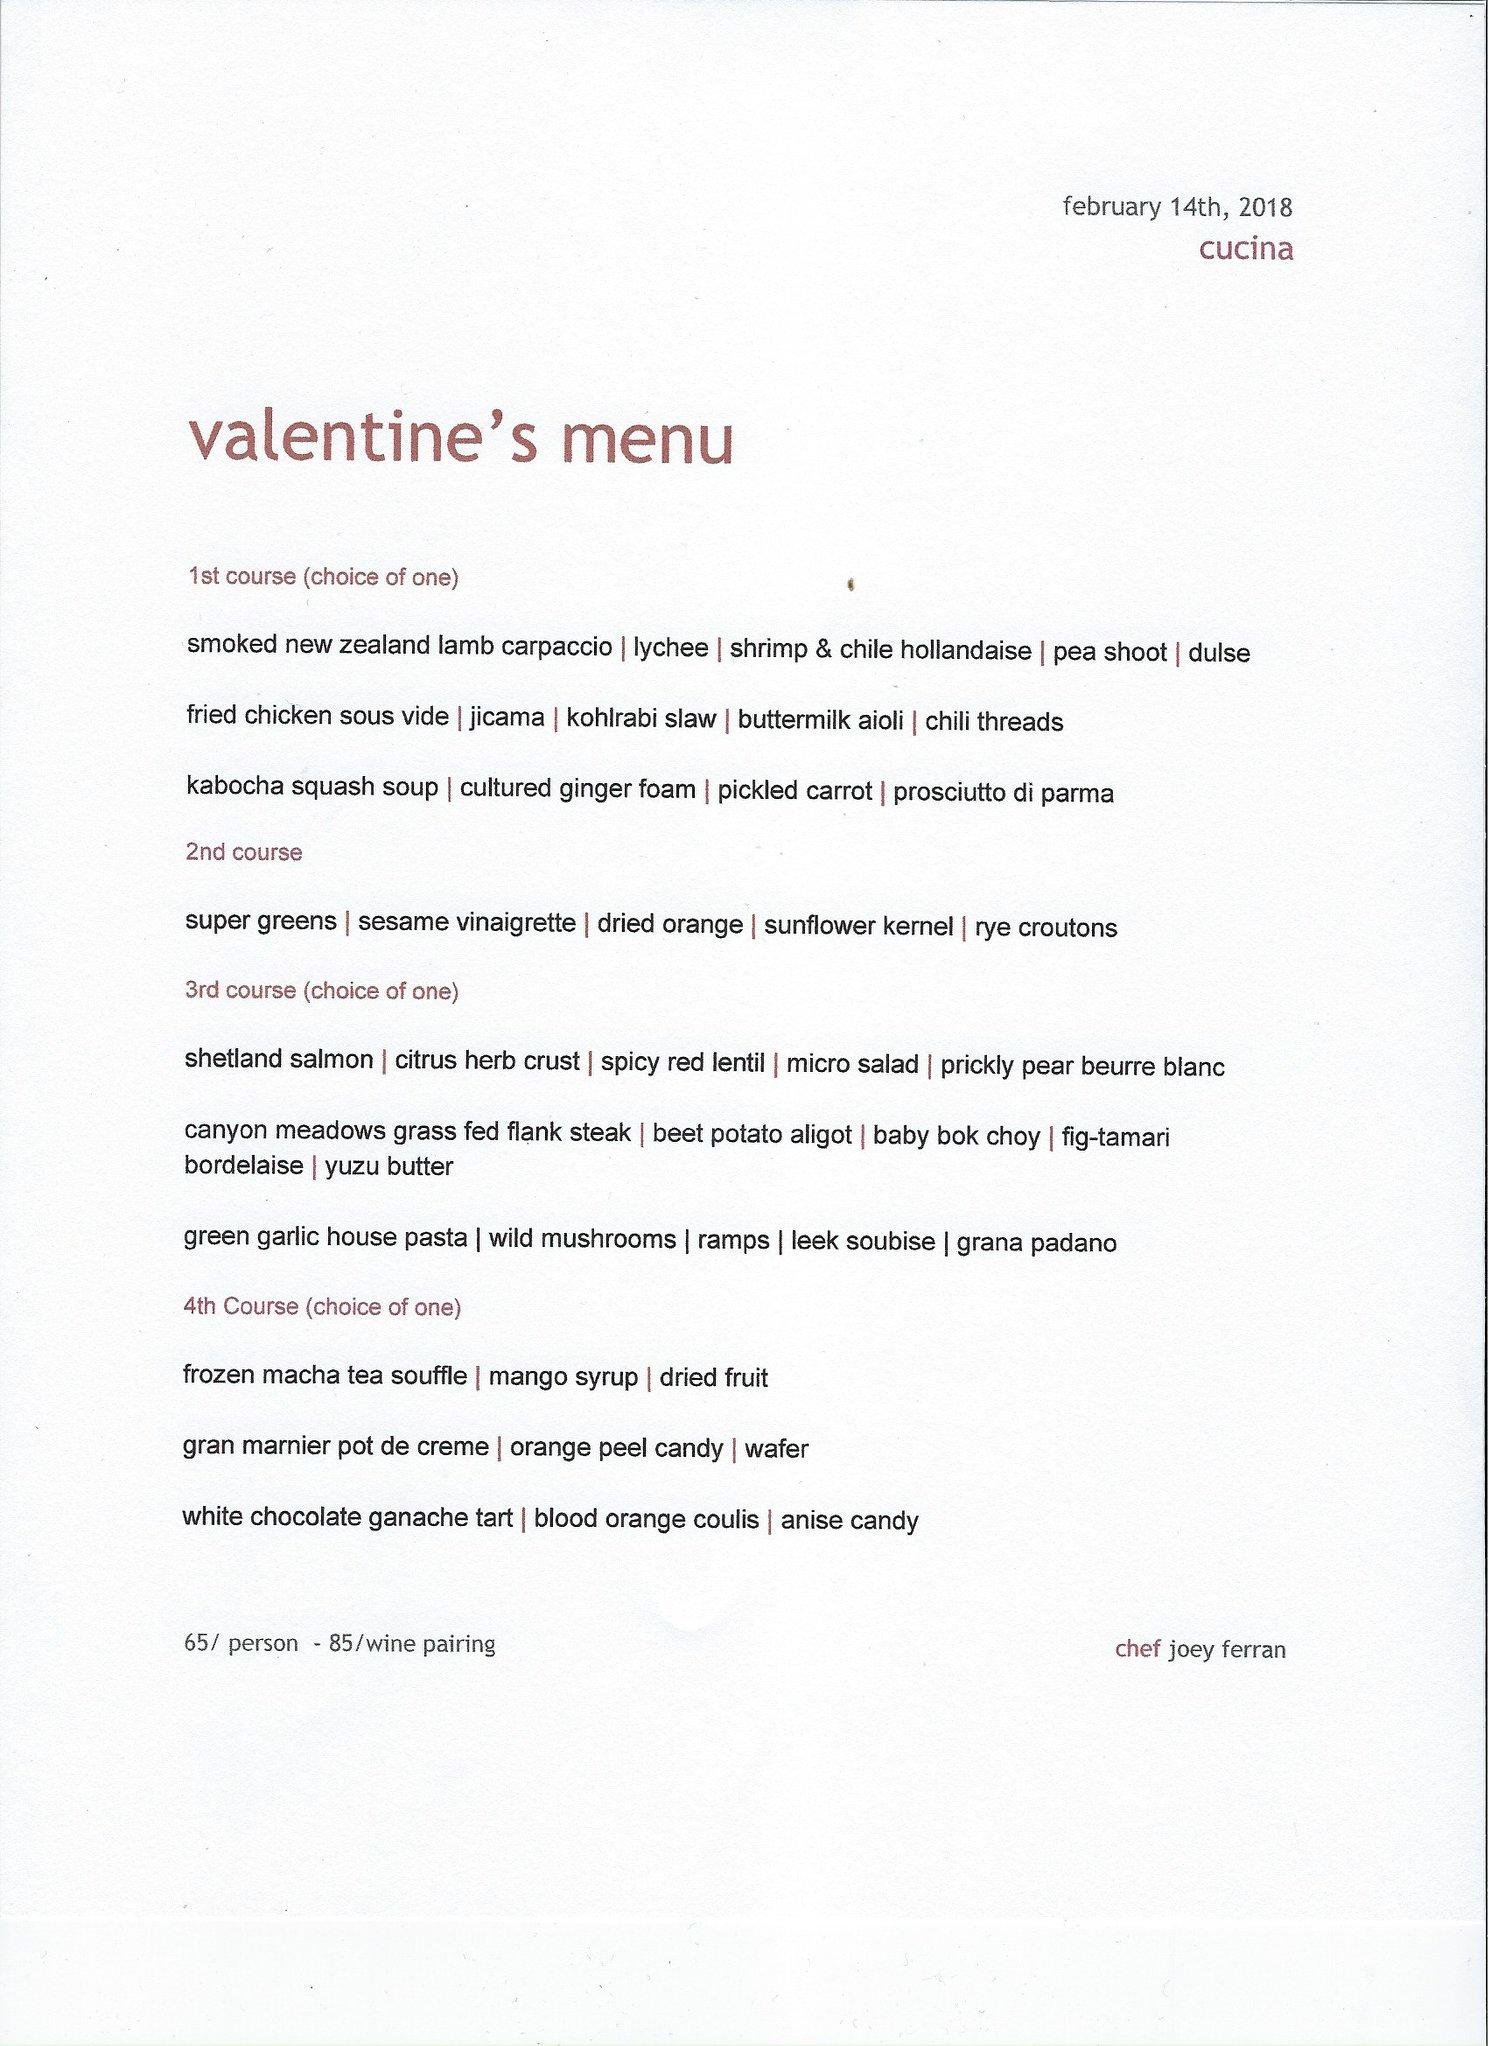 Cucina Valentines Day Menu 2018